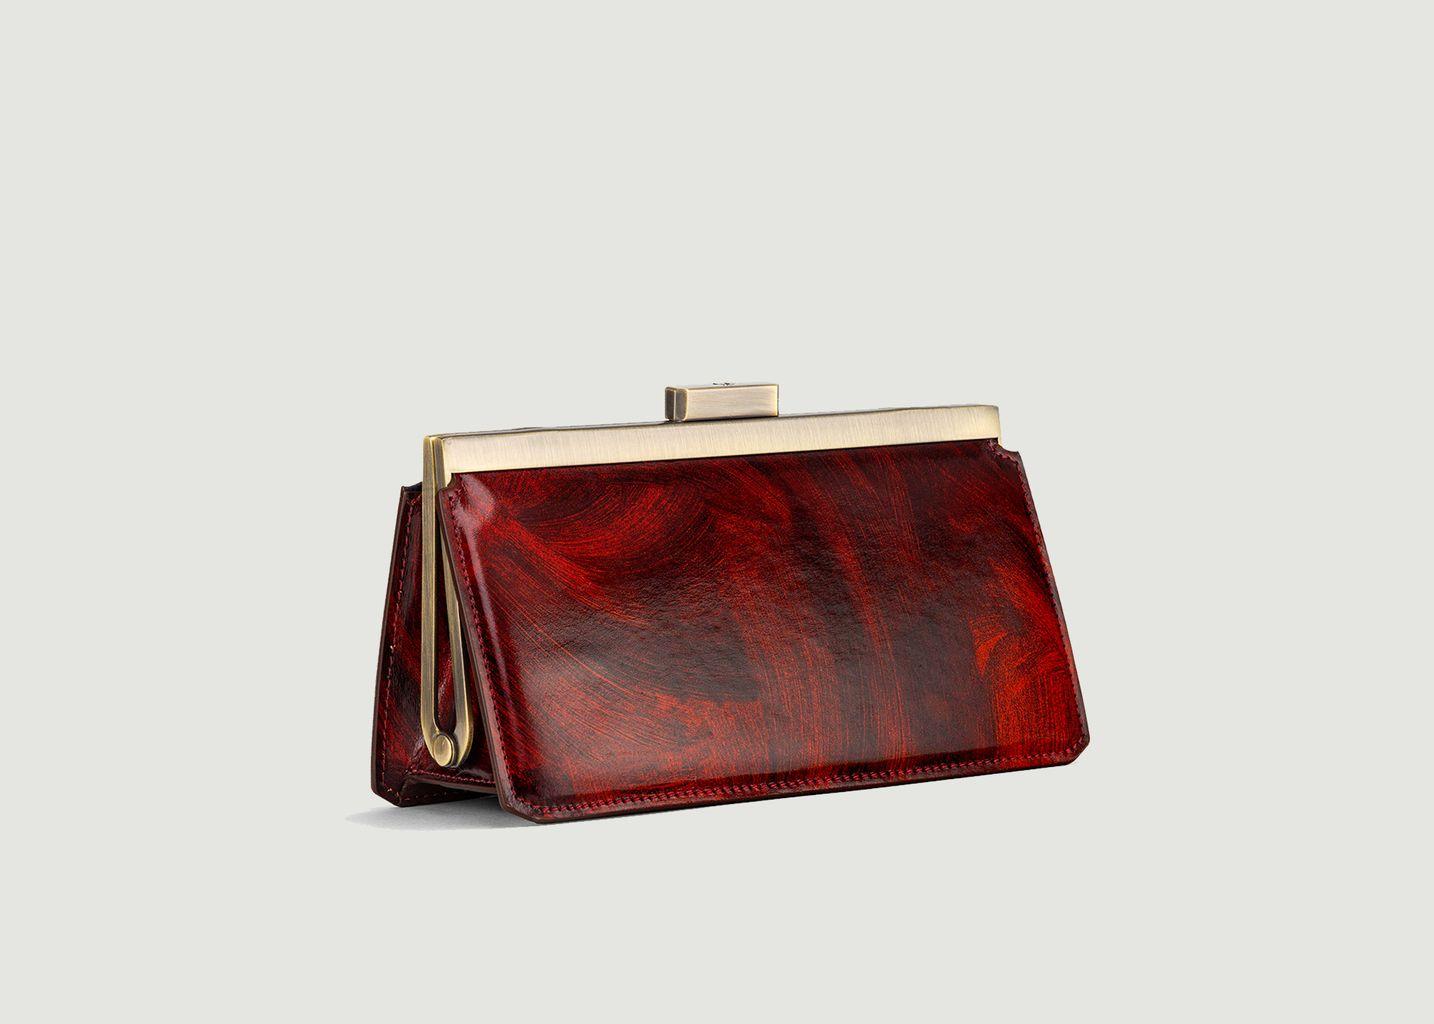 Sac pochette en cuir effet marbre Jeanne Baguette - Tammy & Benjamin